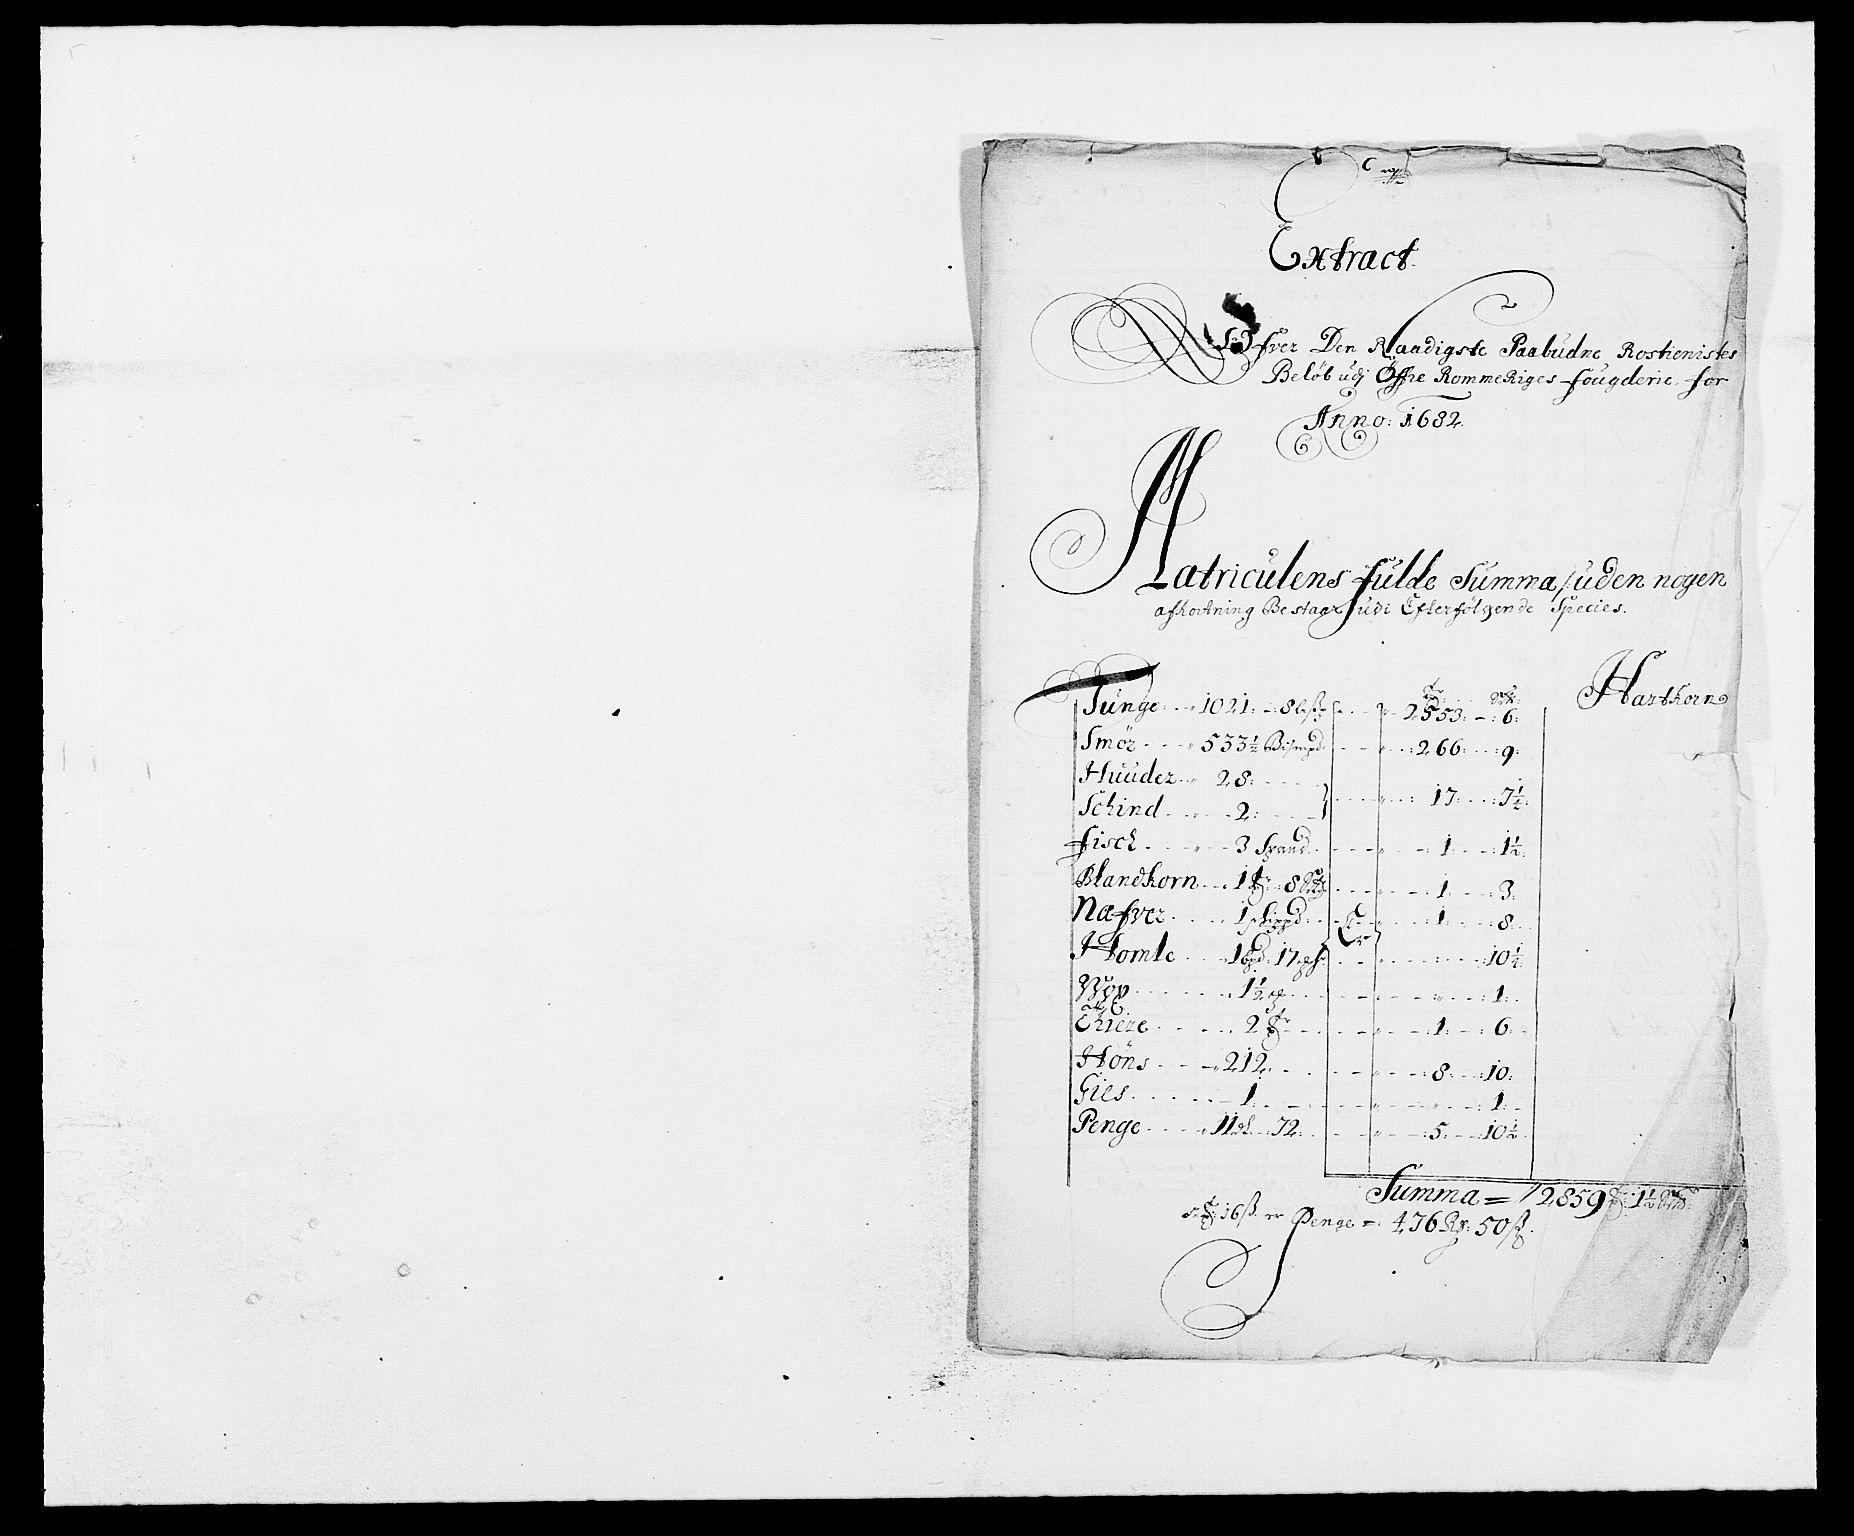 RA, Rentekammeret inntil 1814, Reviderte regnskaper, Fogderegnskap, R12/L0697: Fogderegnskap Øvre Romerike, 1682-1683, s. 217